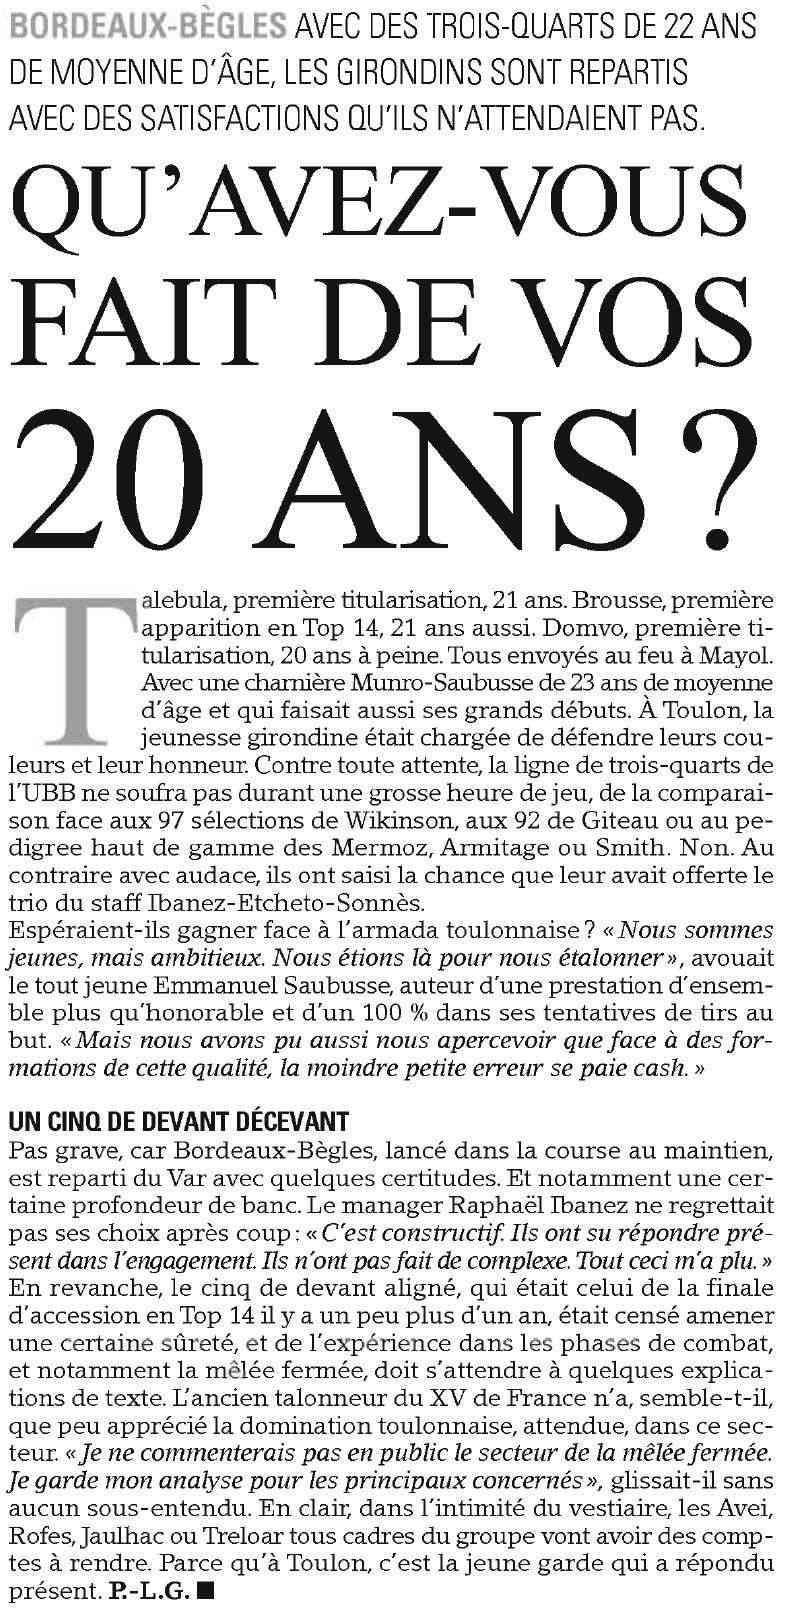 Top14 - 4ème Journée : RC Toulon / UBB - Page 8 Sans_113